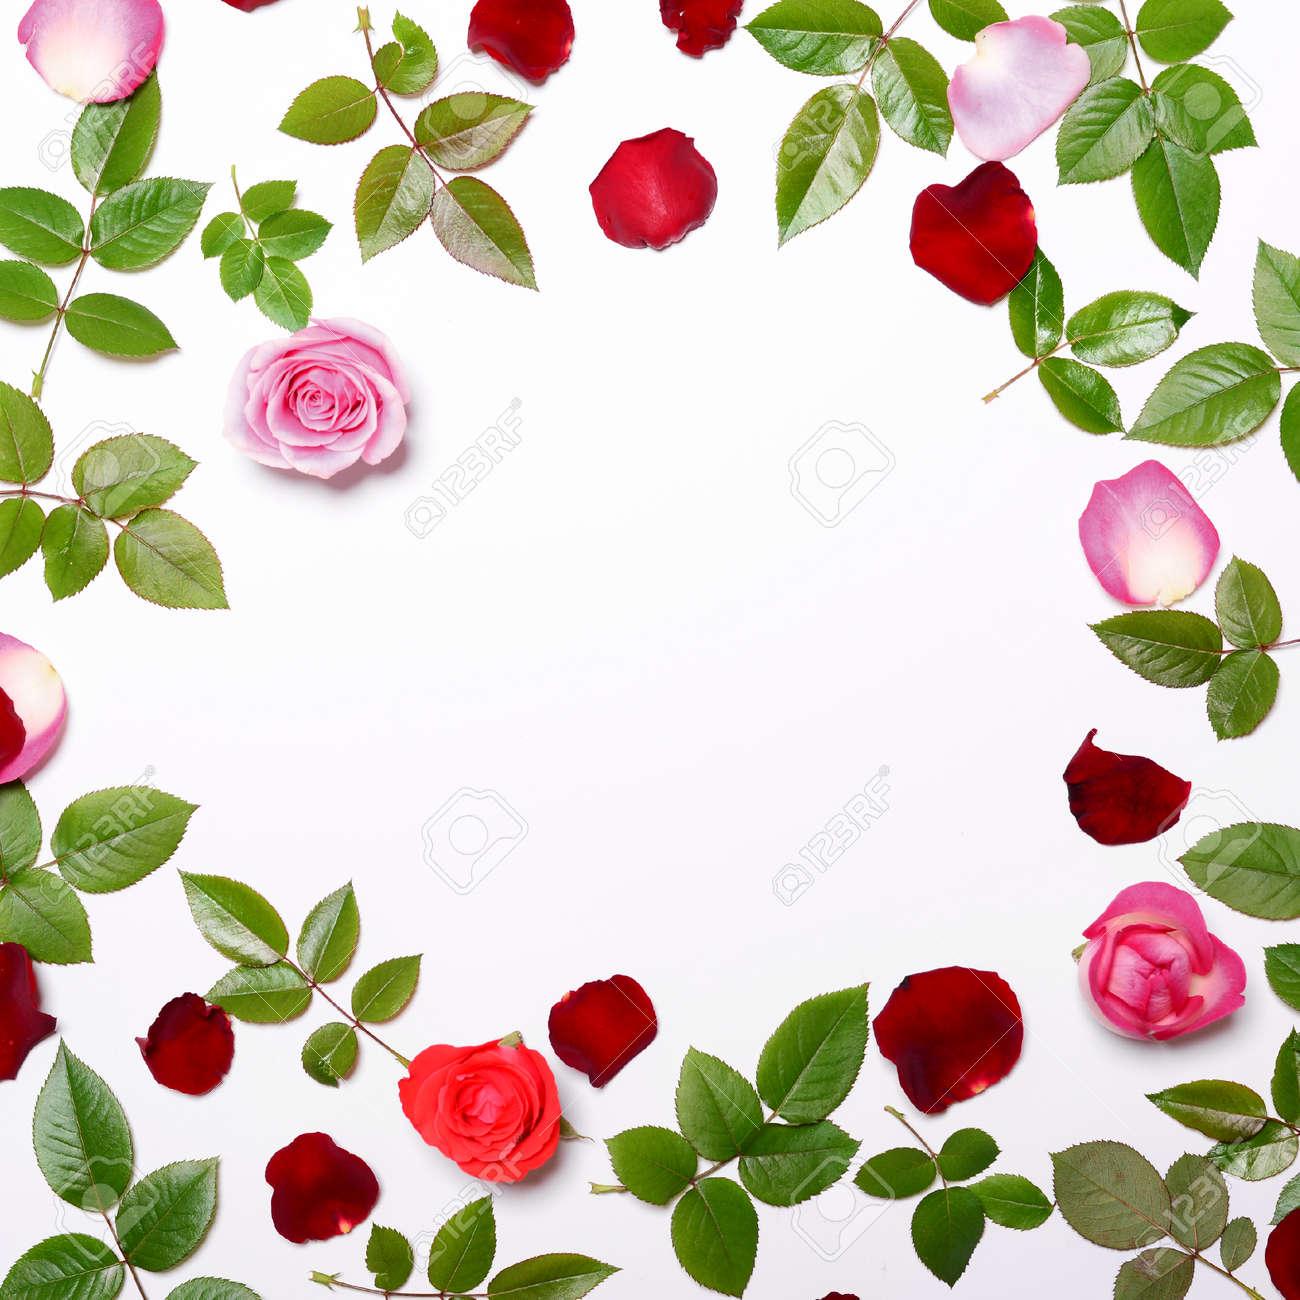 Flat Lay - Marco Hecho De Hermosas Rosas Frescas Pétalos Y Hojas ...